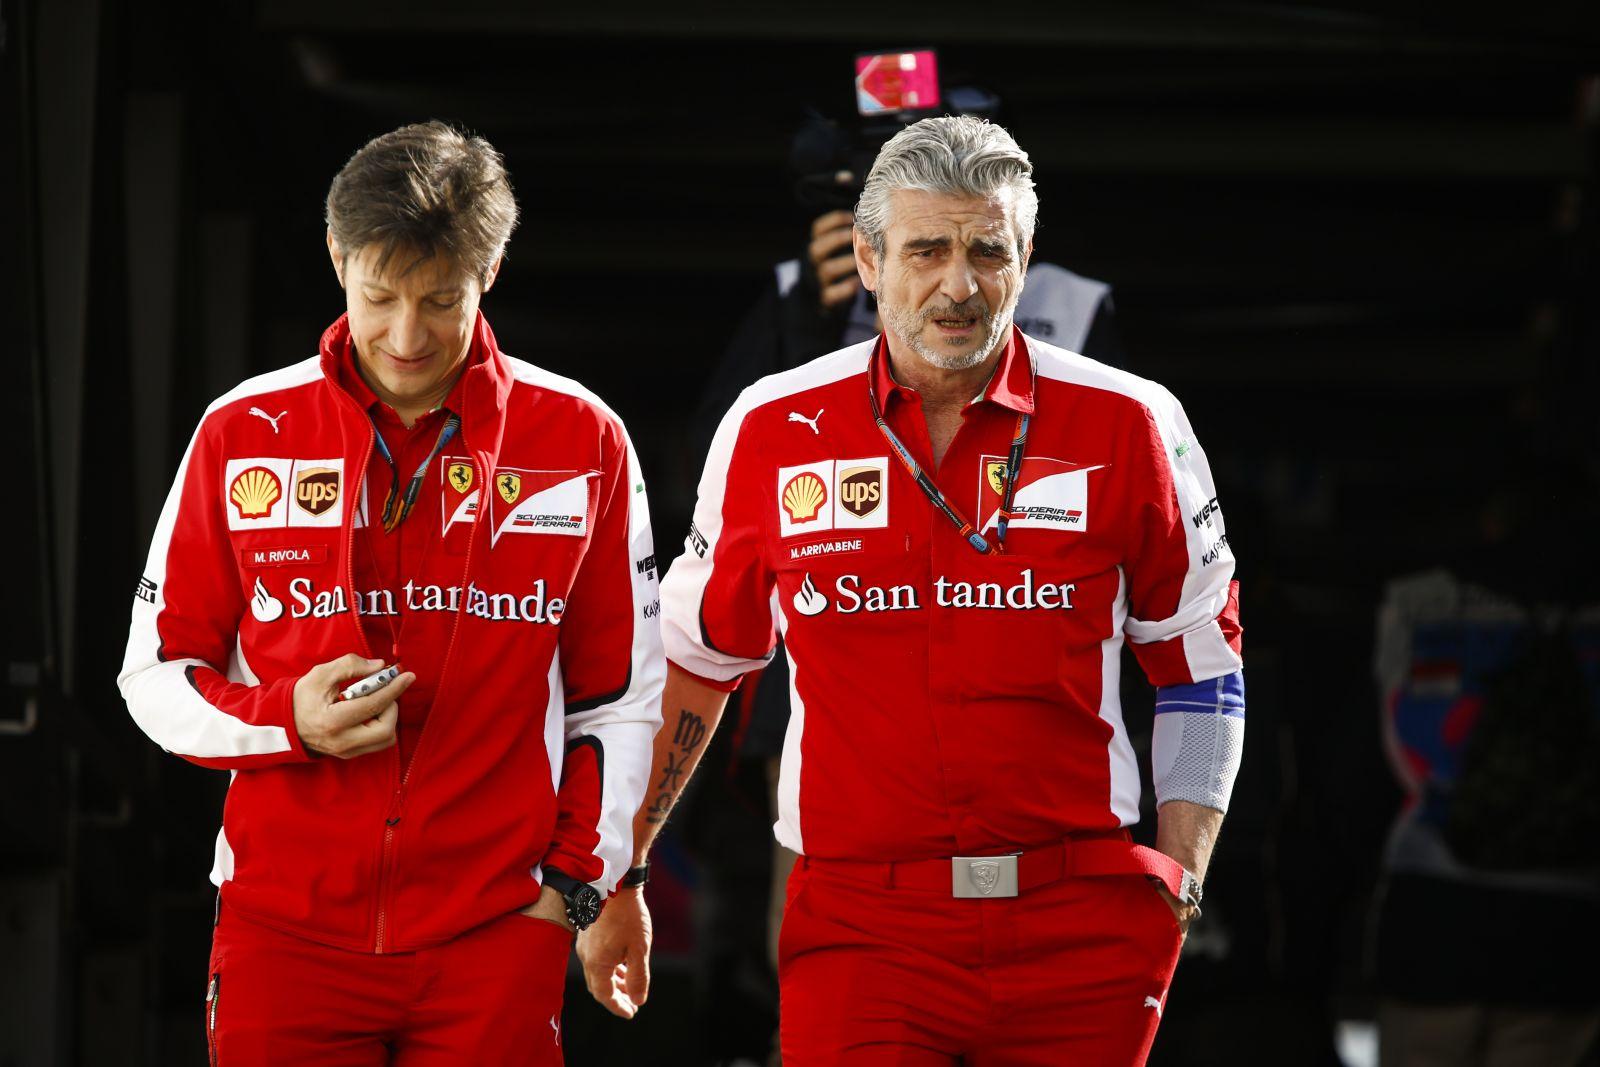 Ecclestone nyugodtan elveheti a belépőt a Ferrari csapatfőnökétől, nem fog megváltozni a kedvéért